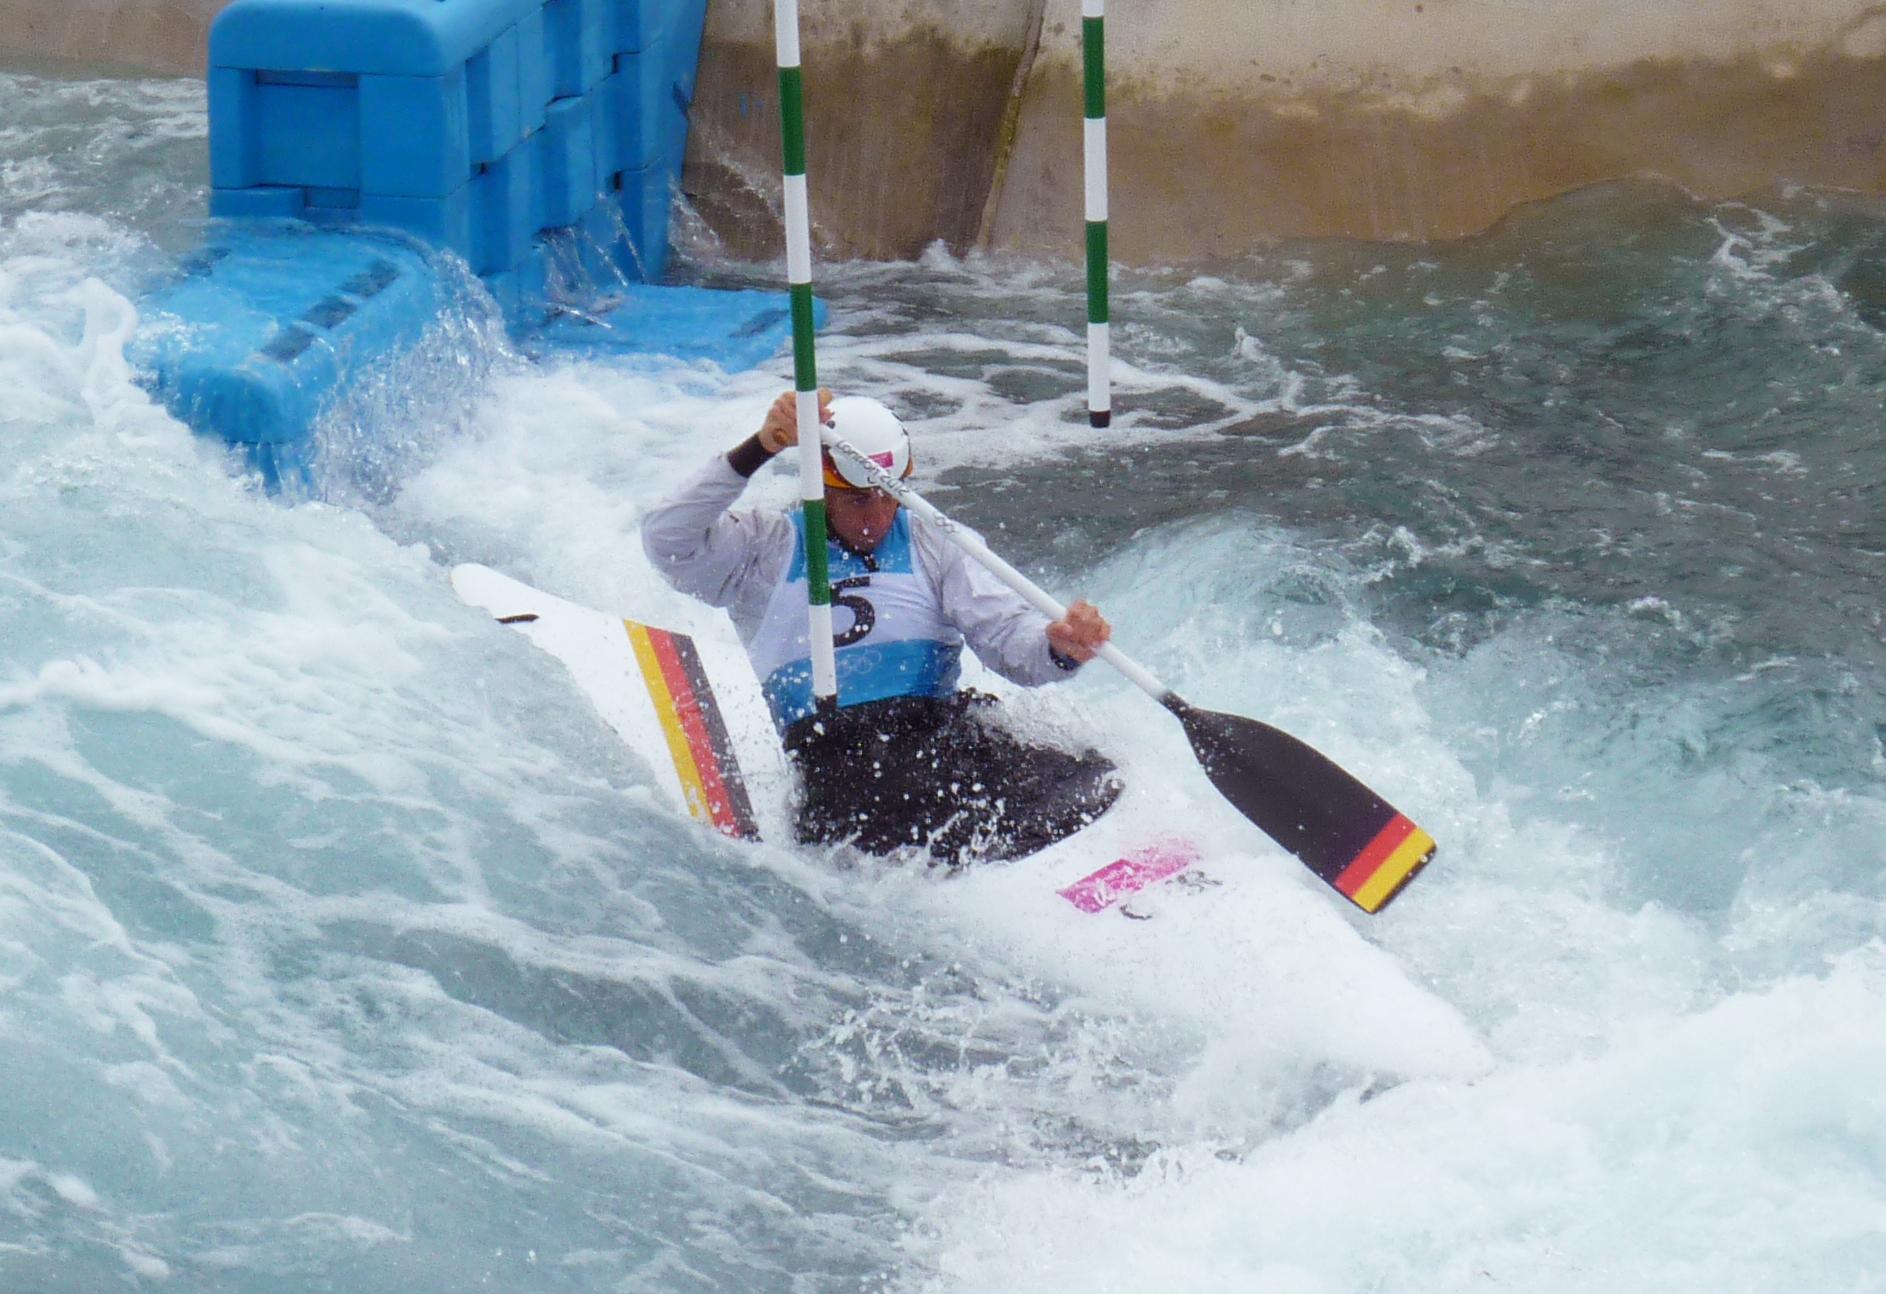 Canoe Slalom - Like bathtime but with points